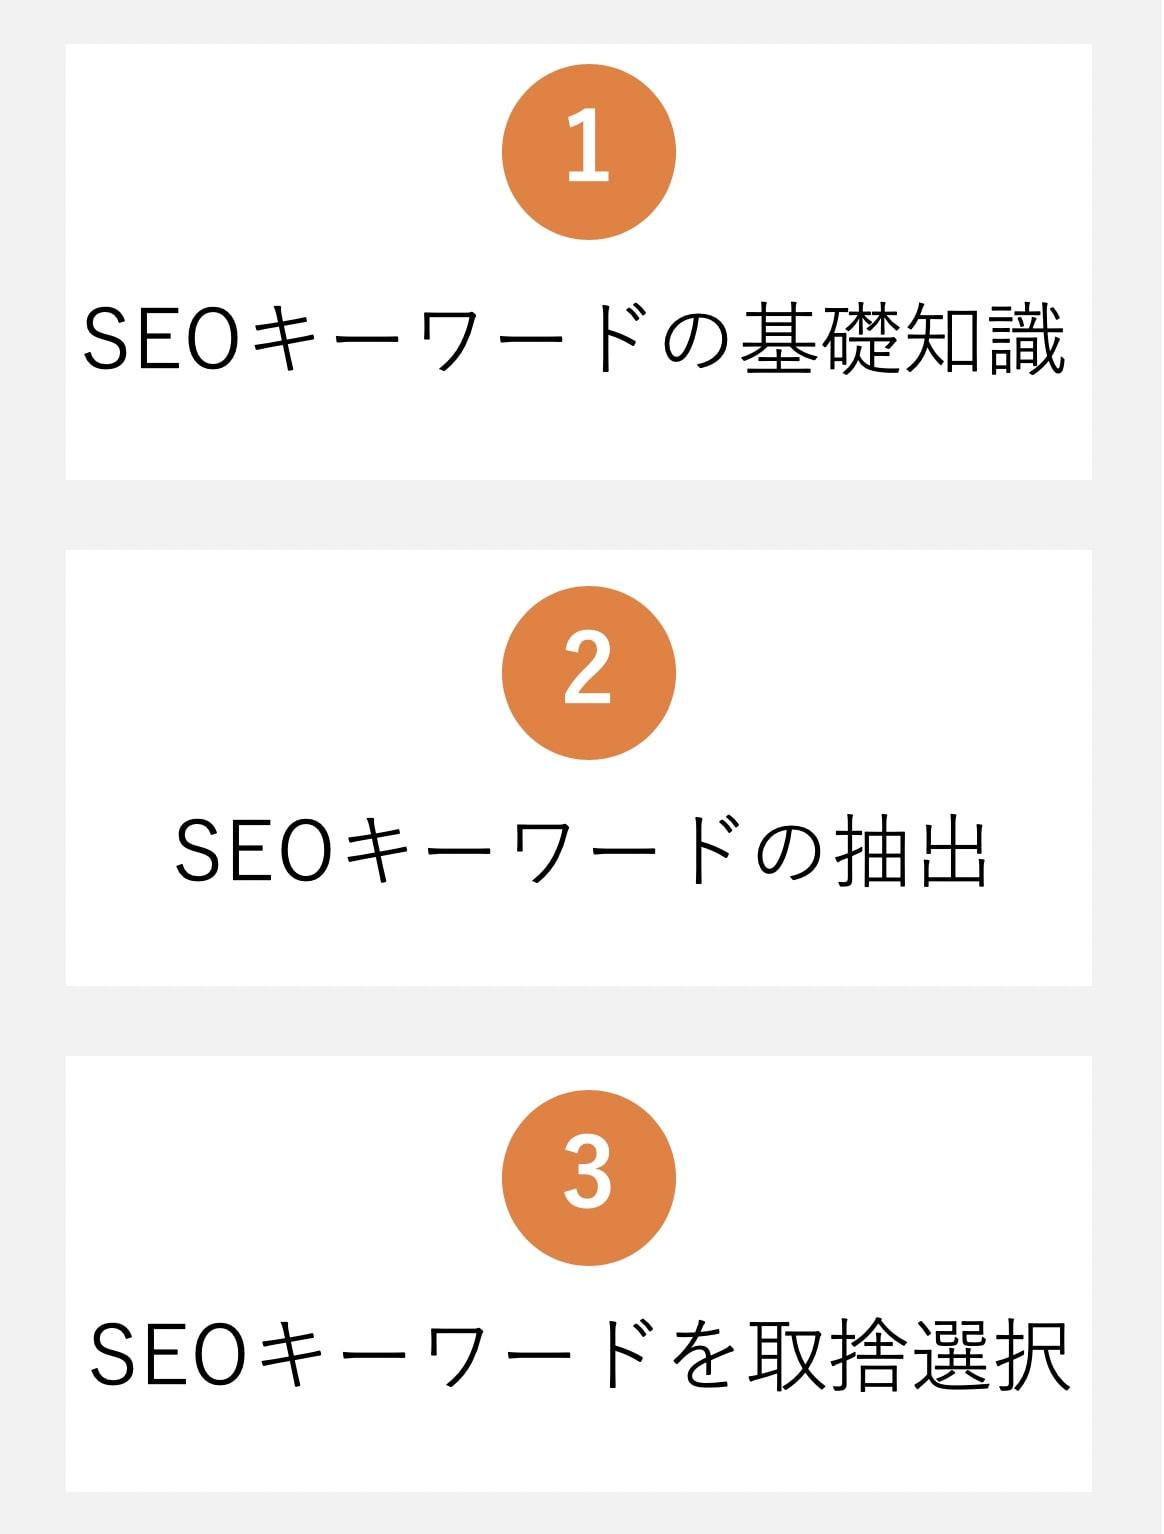 ブログのSEOキーワード準備に関するイメージ図。